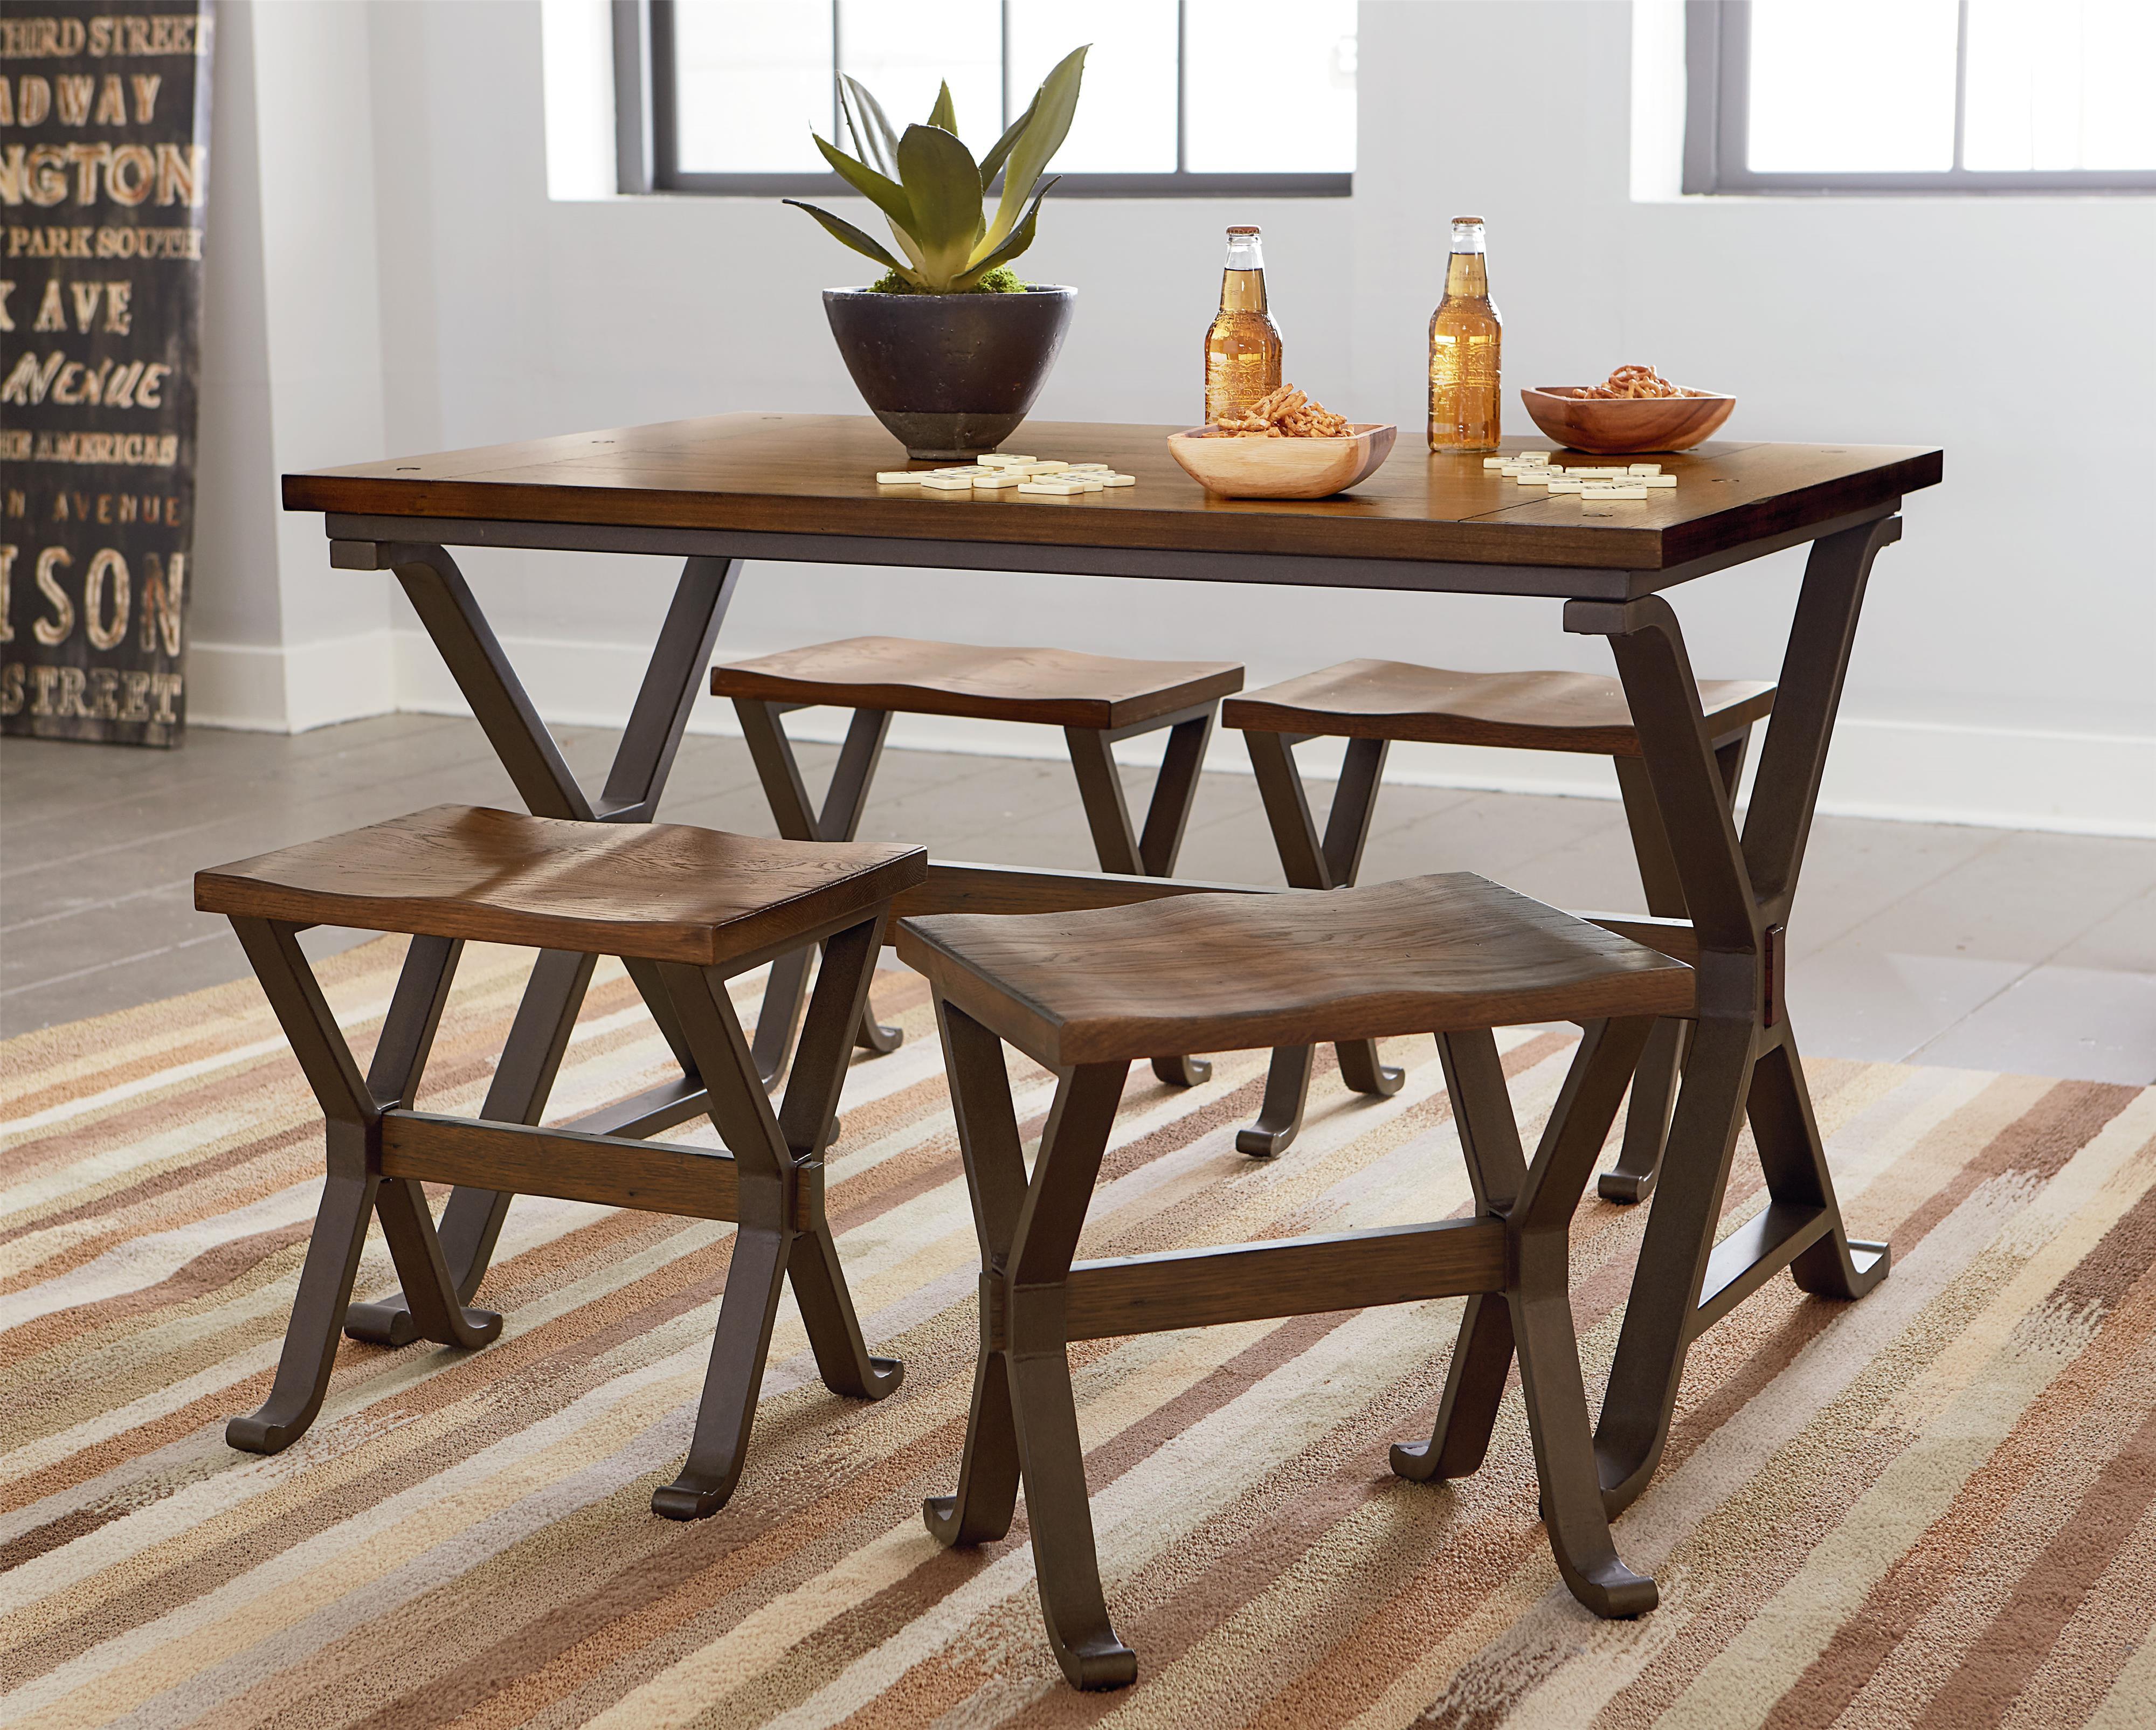 Standard Furniture Reynolds Casual Dining Set - Item Number: 11081+2011081+2x11084